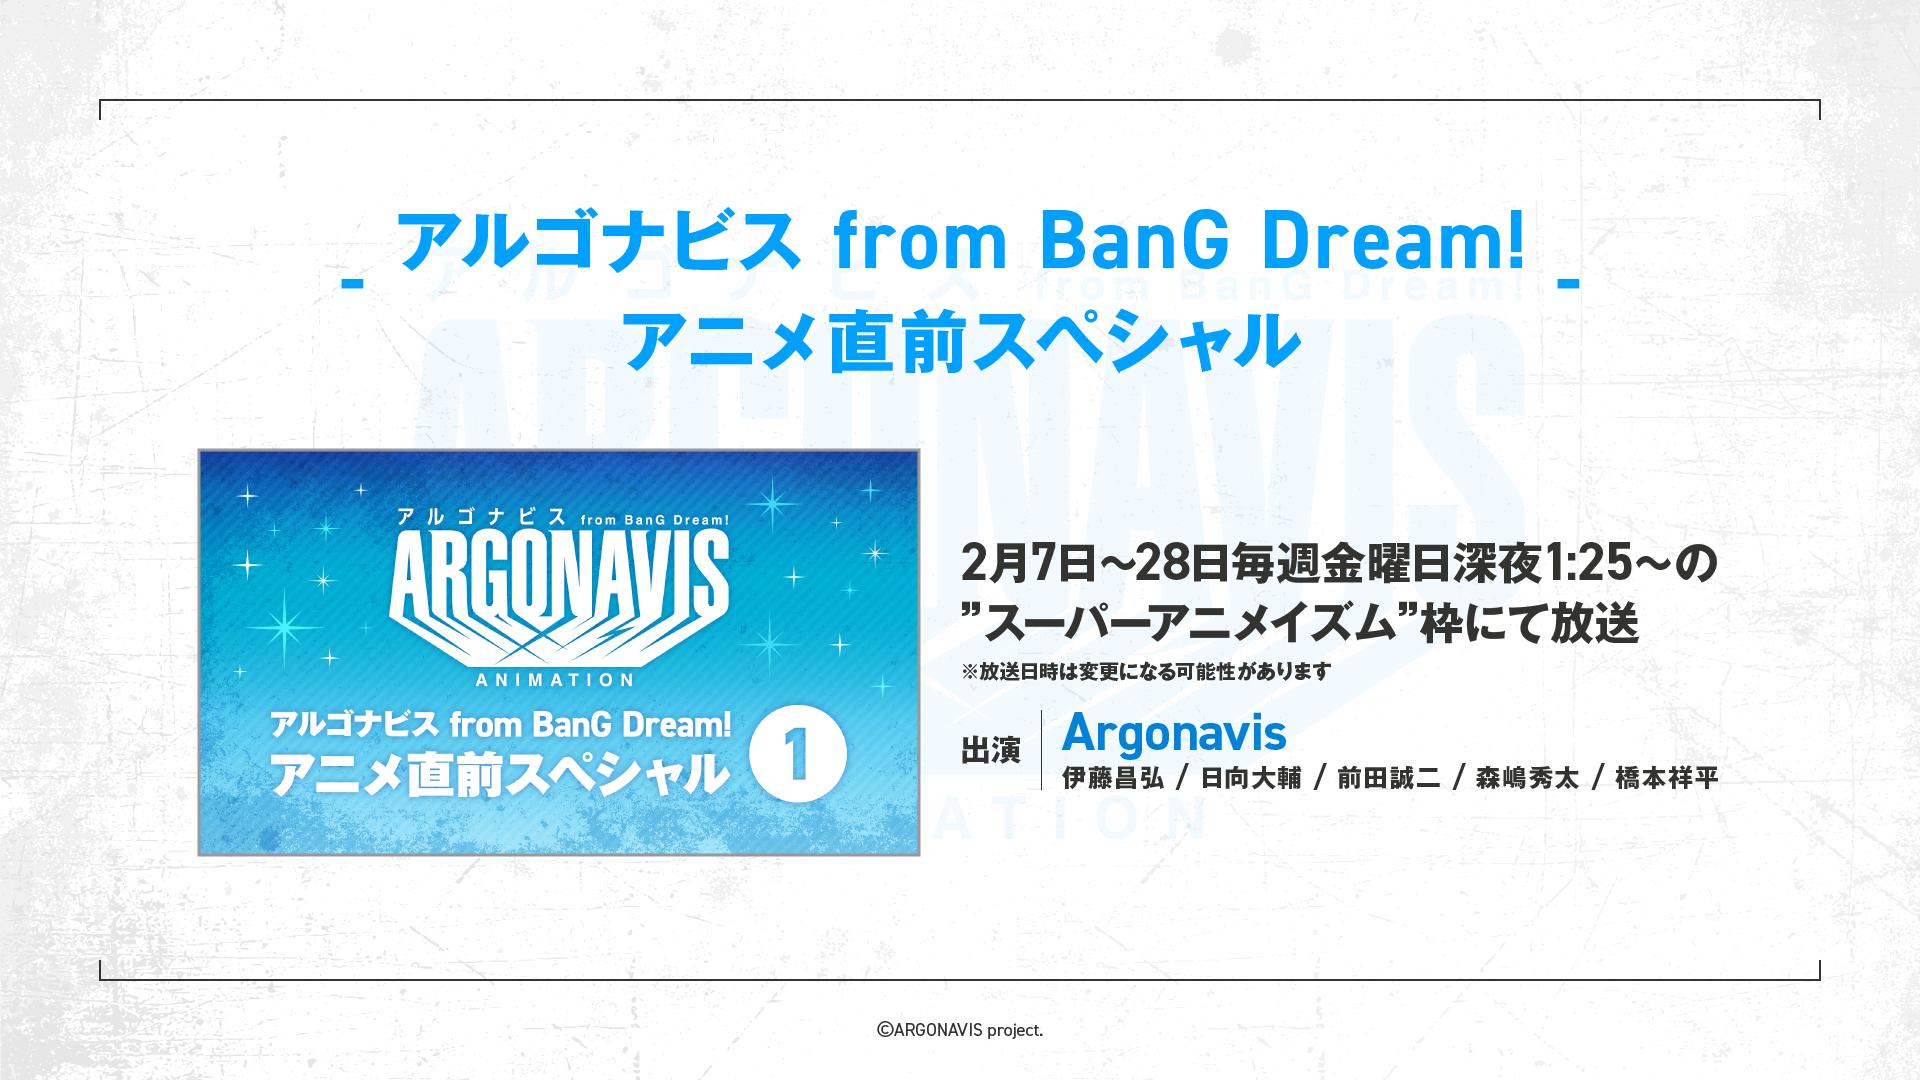 アルゴナビス from BanG Dream! アニメ直前スペシャル